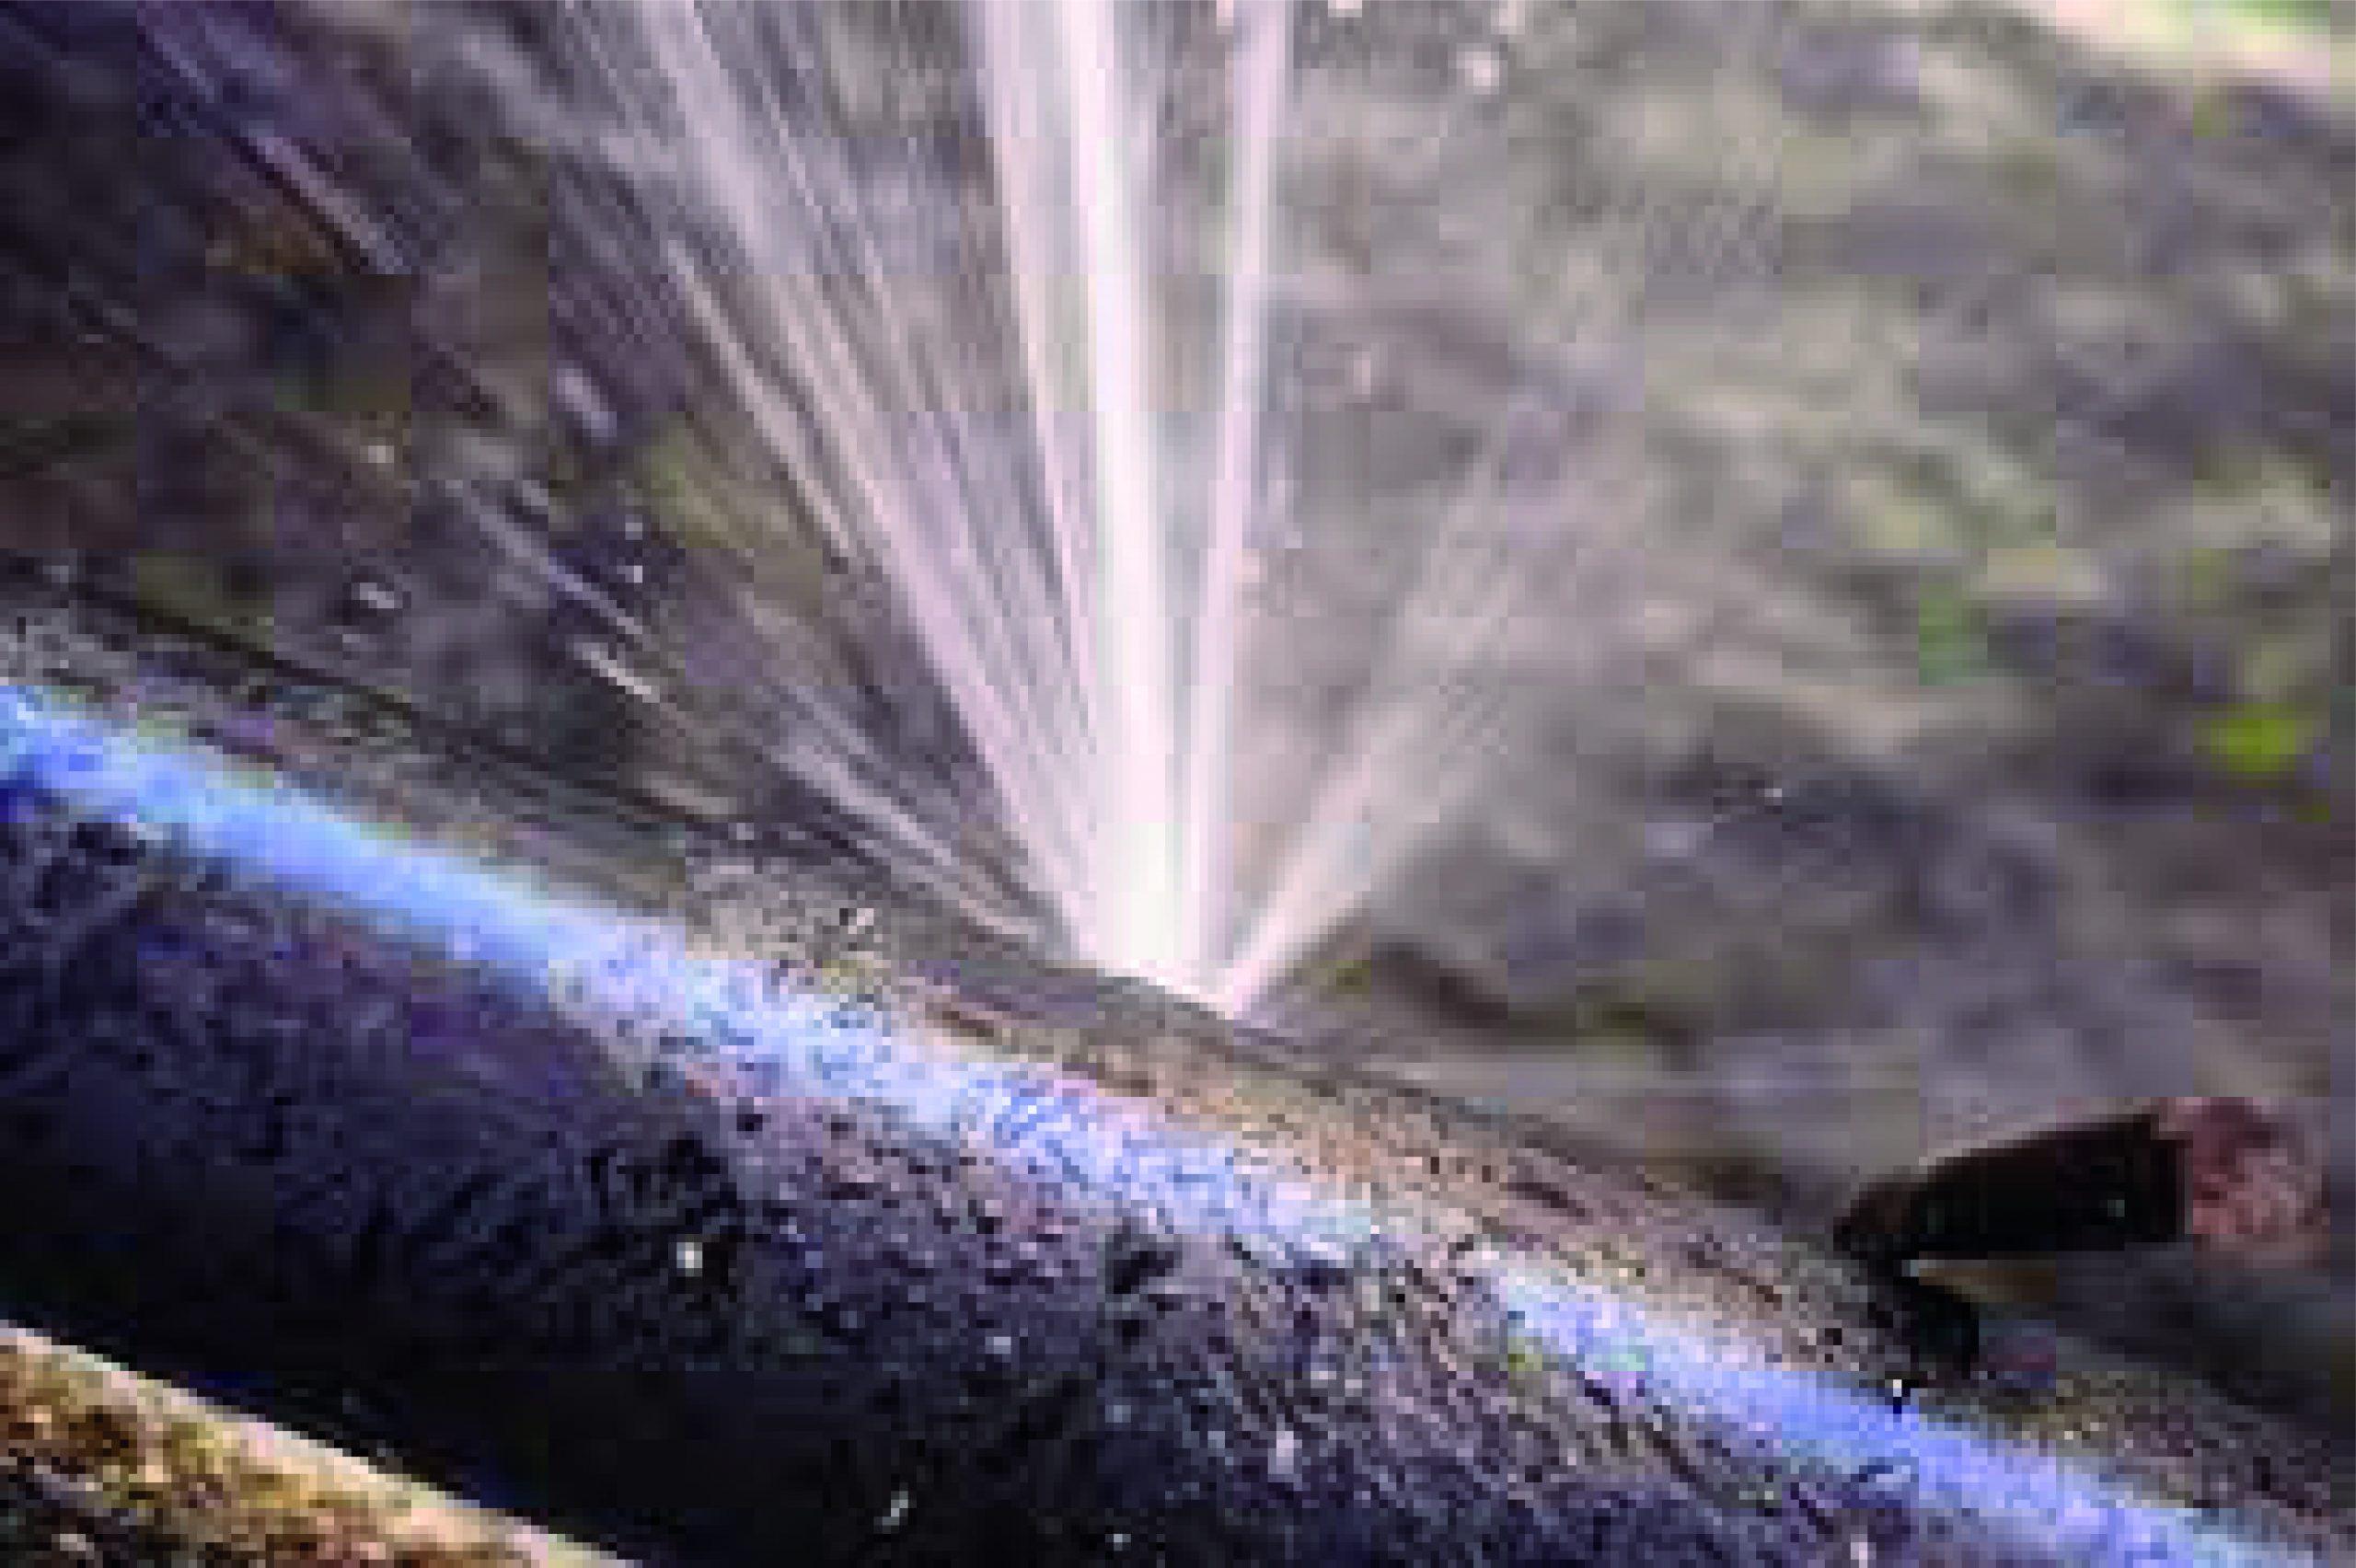 El desperdicio de agua por la mala instalación de tubería